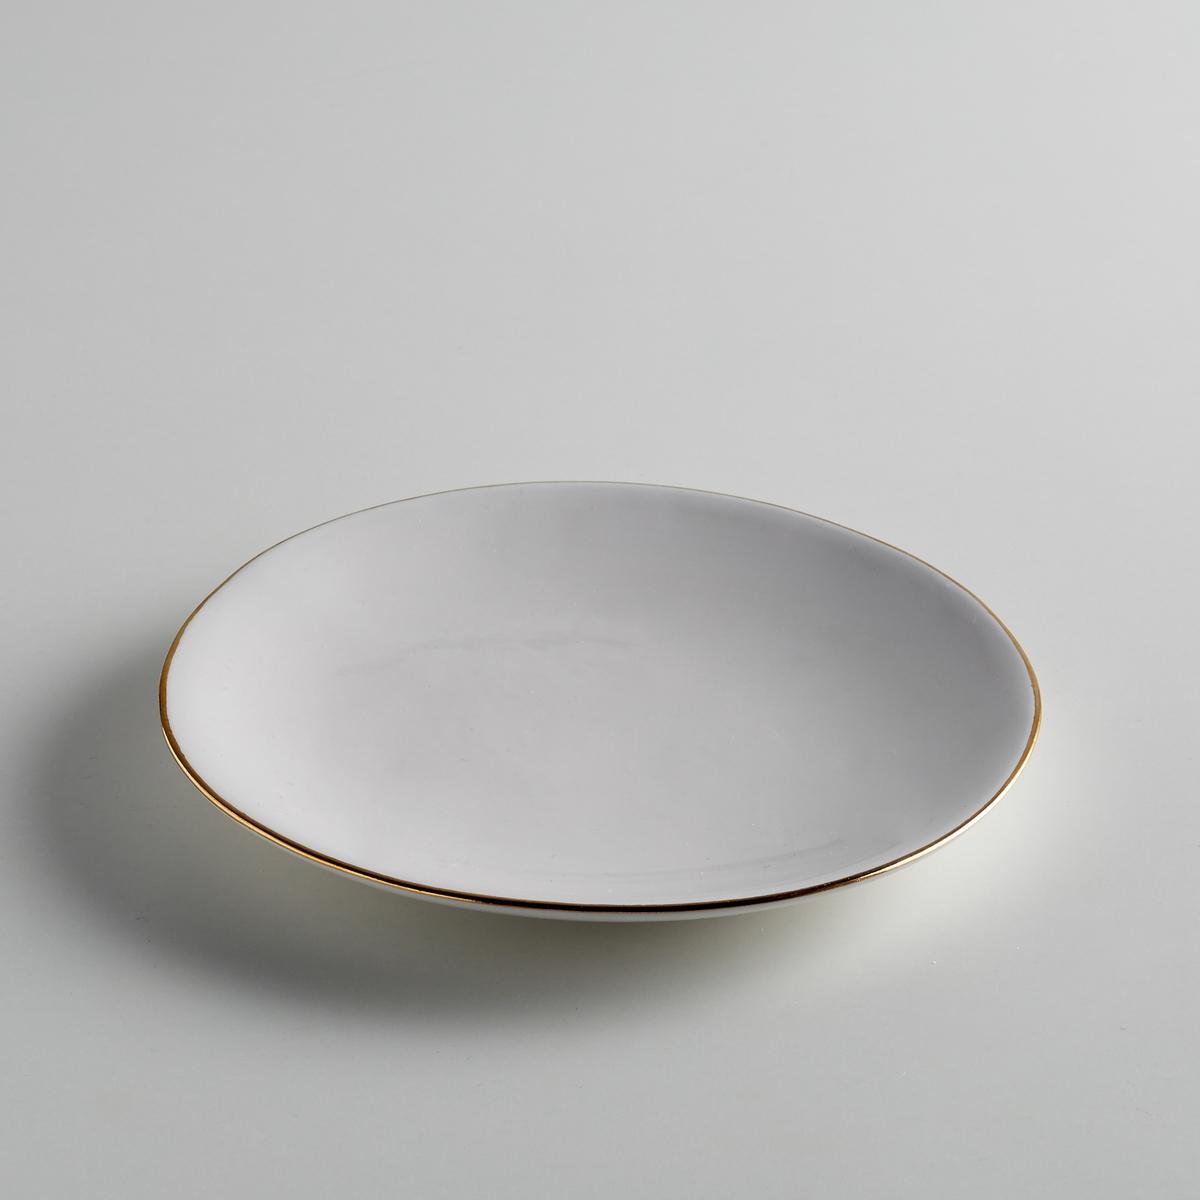 Комплект из десертных тарелок La Redoute Из фаянса Catalpa единый размер белый комплект из 4 десертных тарелок sam baron